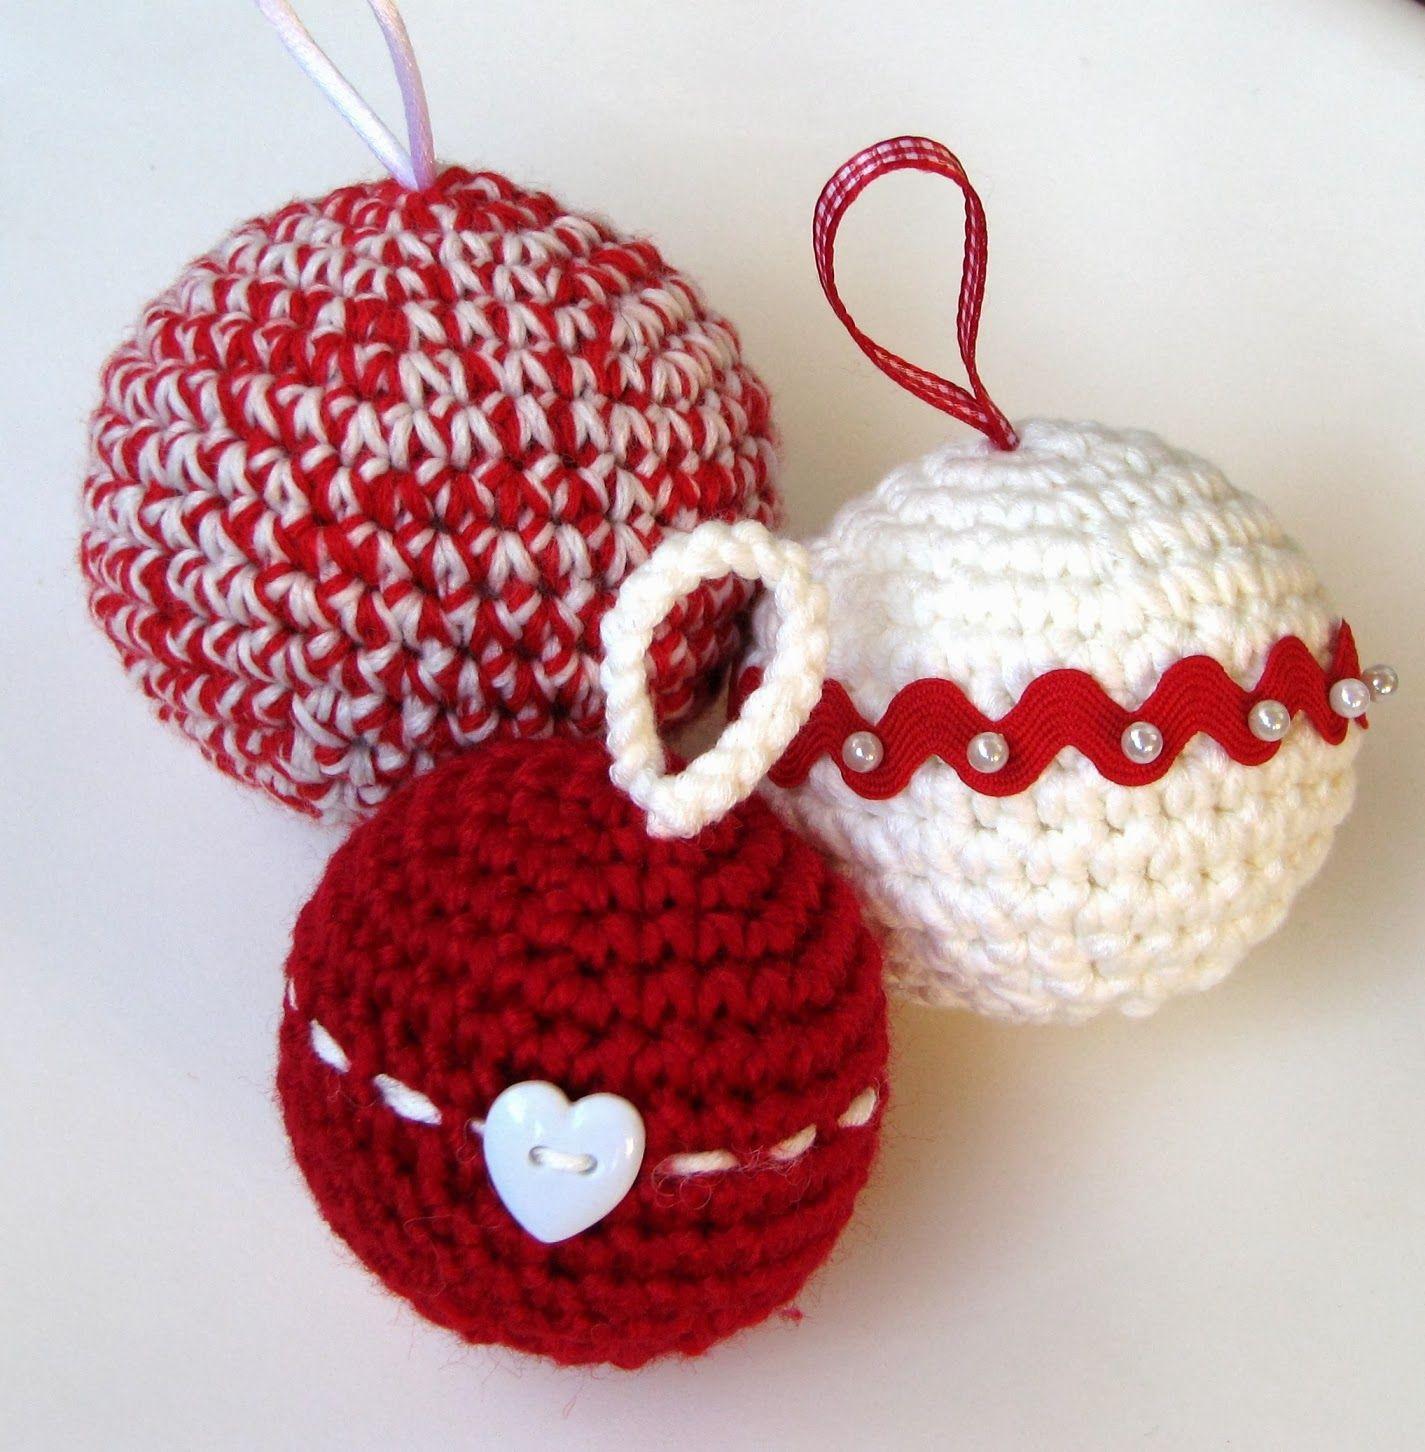 bolas de navidad ideas originales y sorprendentes - Como Decorar Una Bola De Navidad